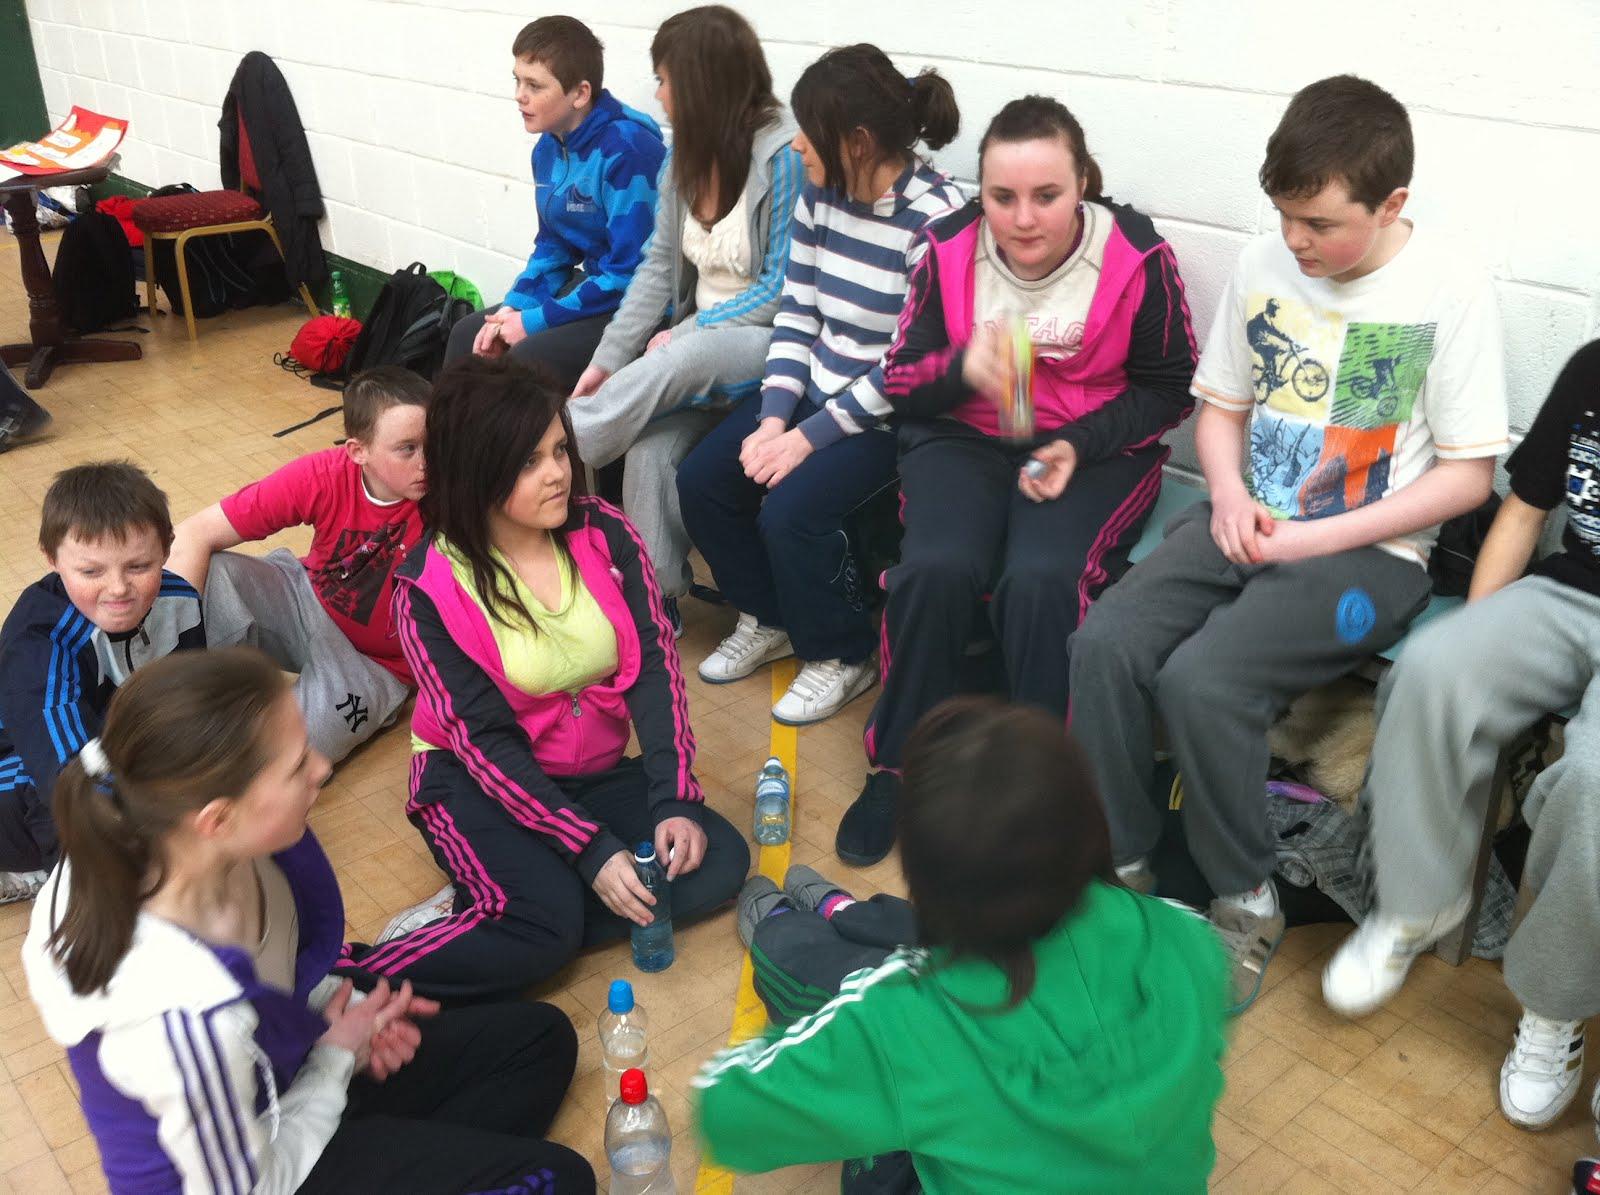 falcarragh secondary school